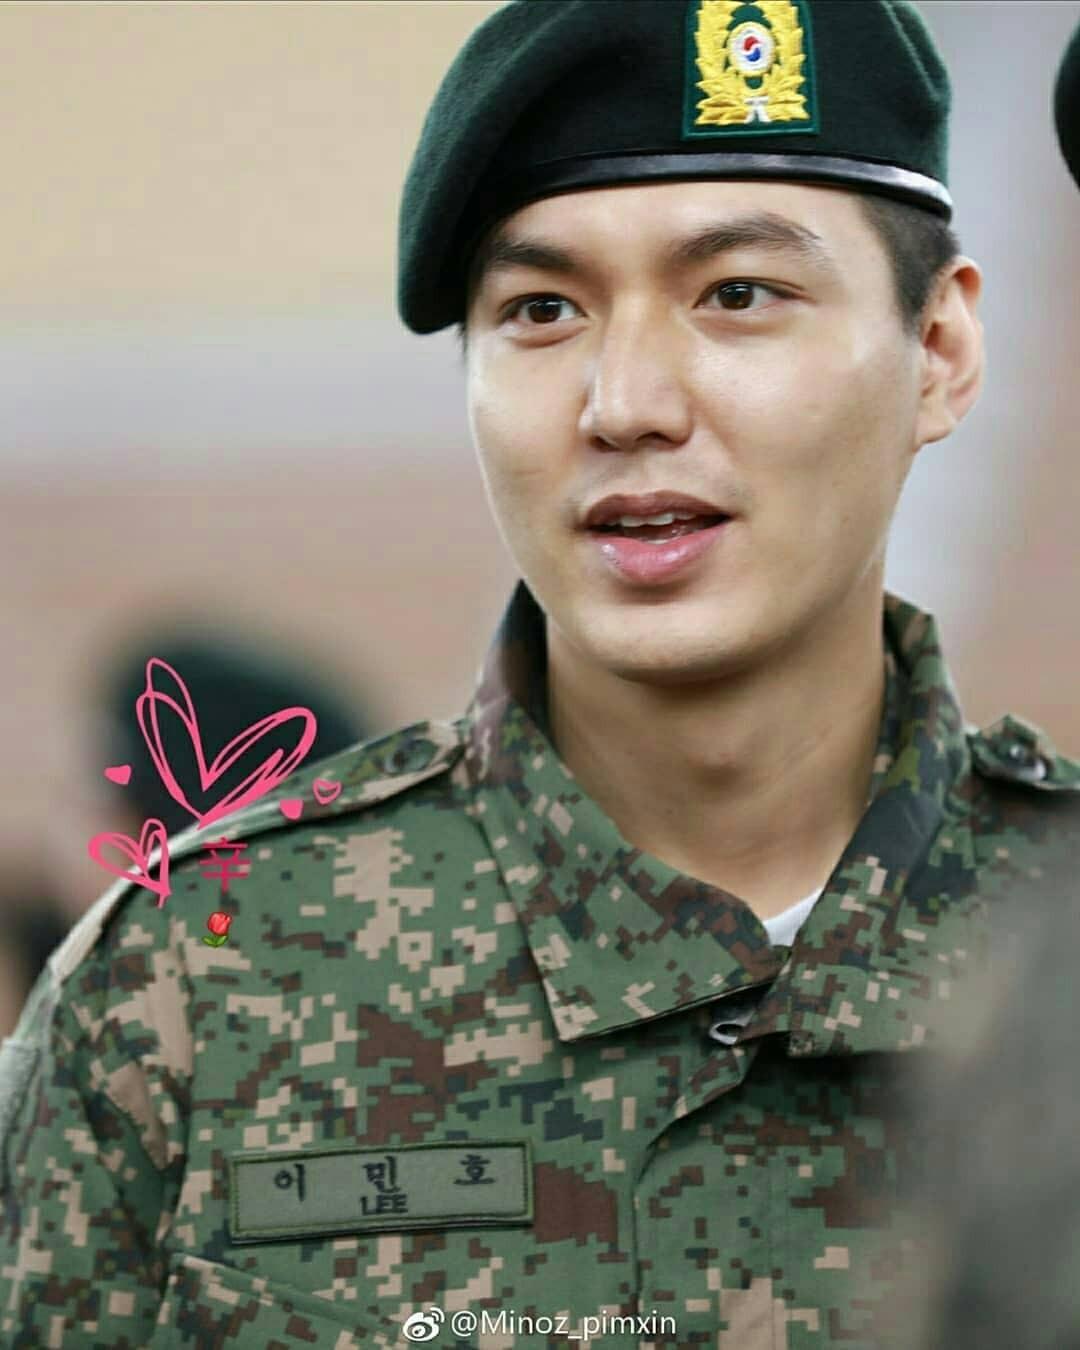 Tài tử Lee Min Ho béo phù cả mặt, ngày càng xuống sắc khi để nhan sắc mộc 100% trong quân ngũ - Ảnh 10.